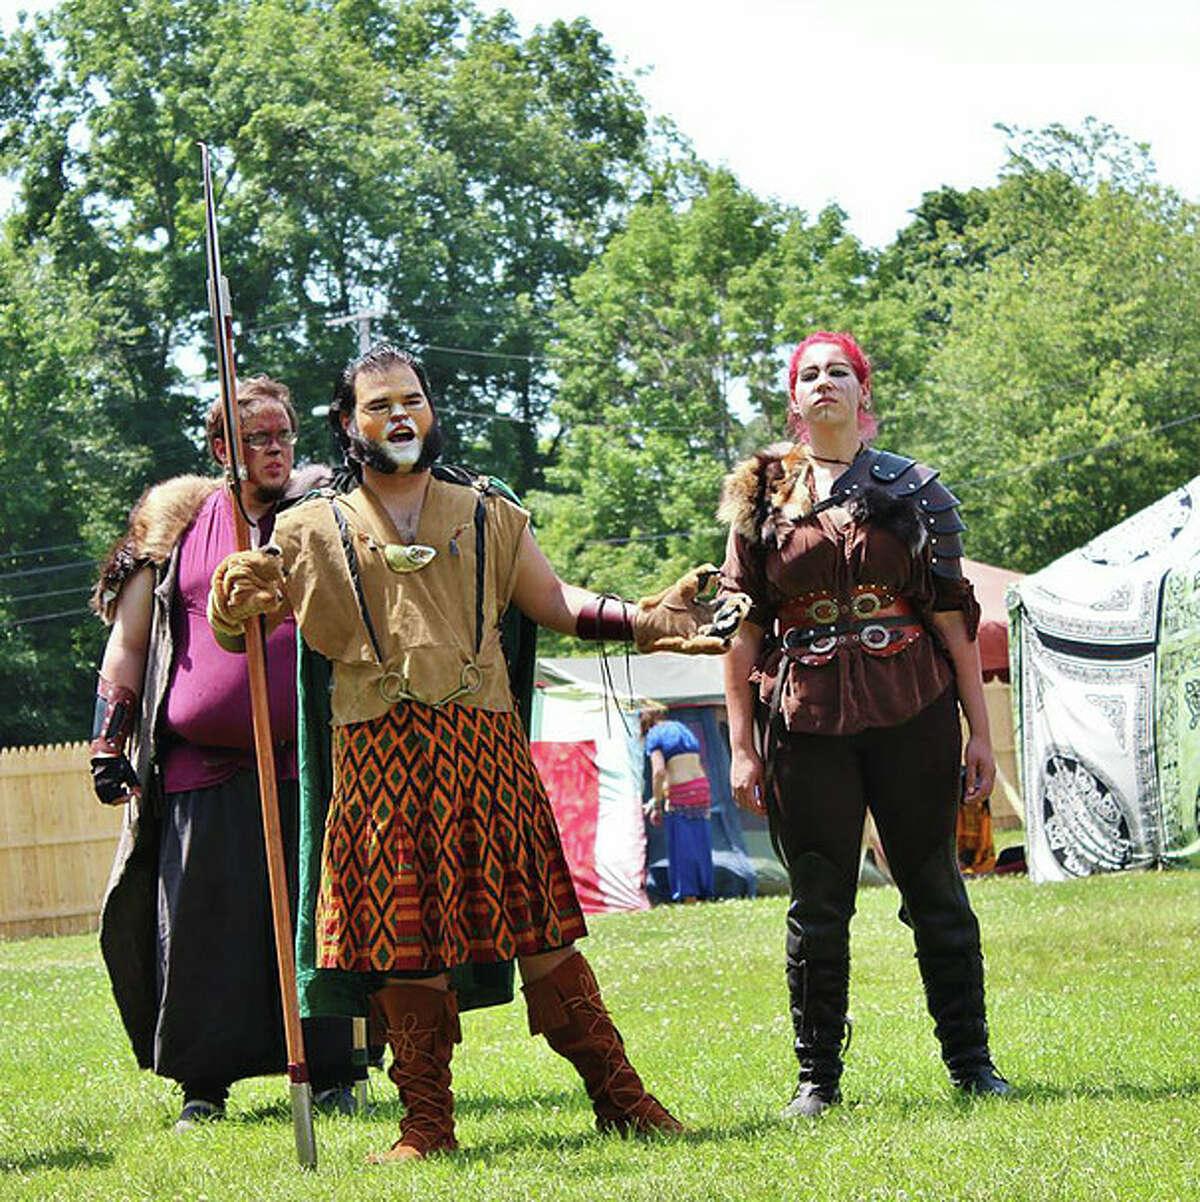 Midsummer Fantasy Renaissance Faire in Ansonia